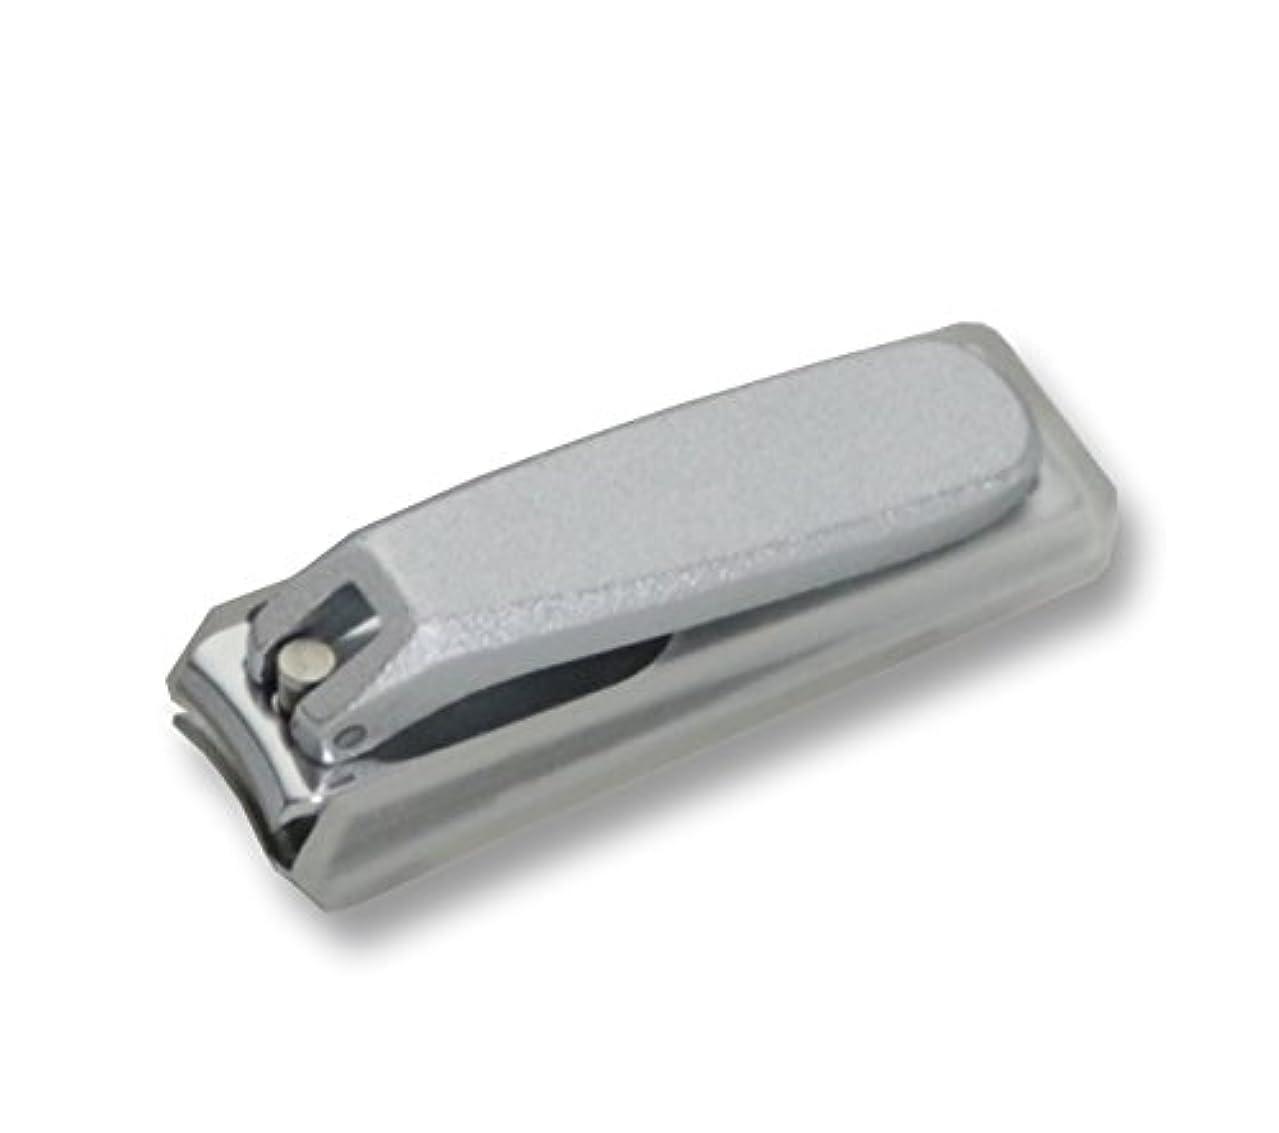 明快ブリーク炭素KD-024 関の刃物 クローム爪切 小 カバー付